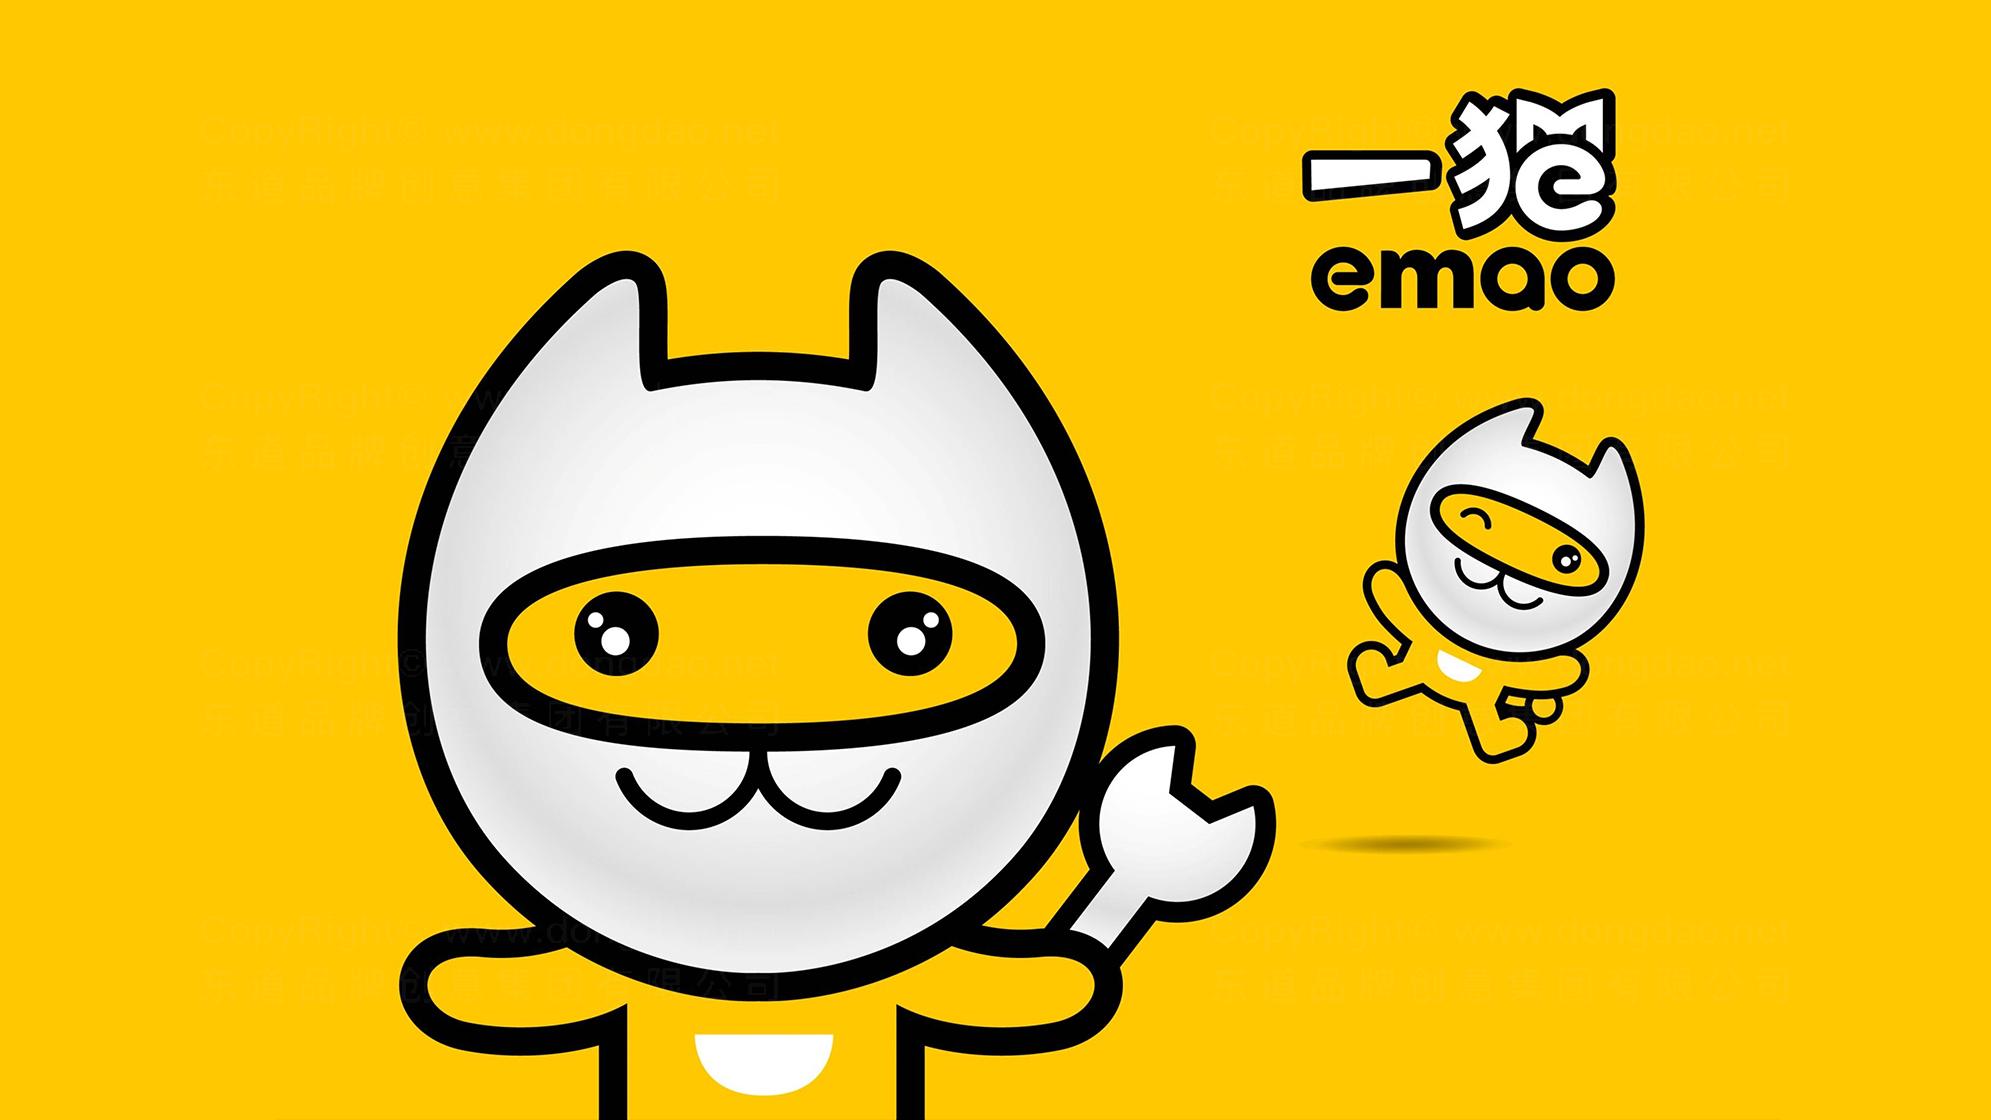 品牌设计案例一猫汽车logo设计、vi设计